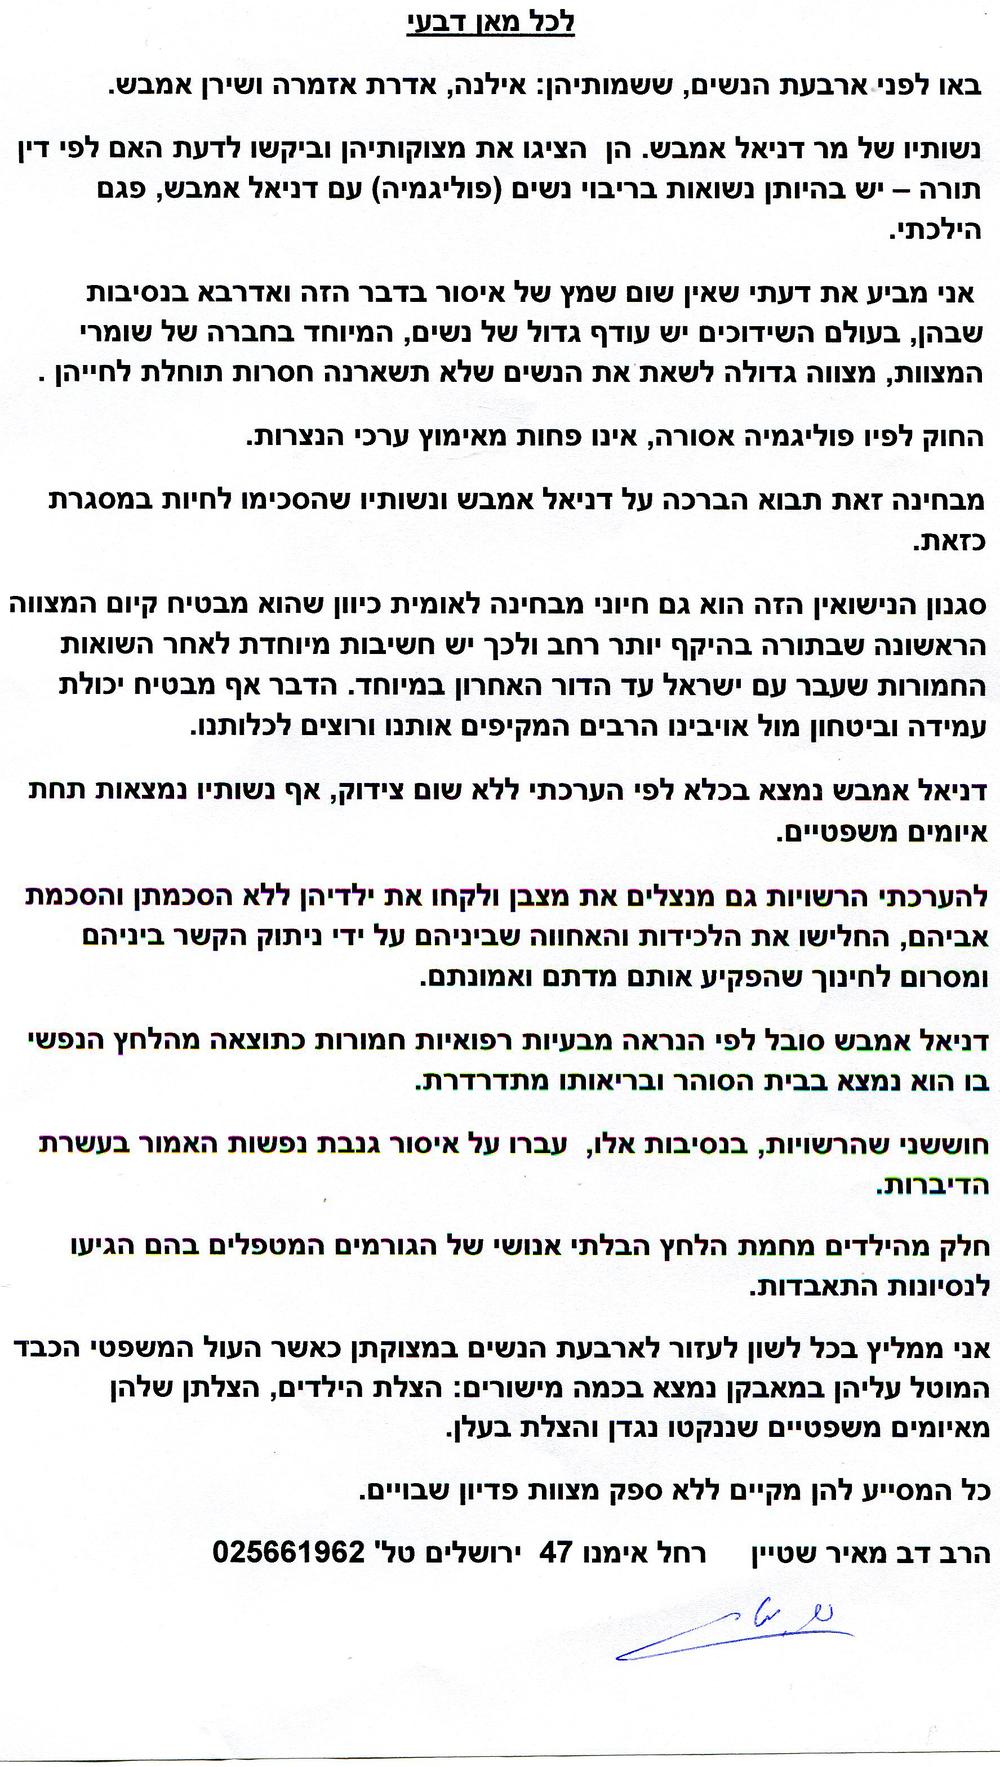 letter of Rabbi Dov Meir Stein, hebrewjpg.jpg